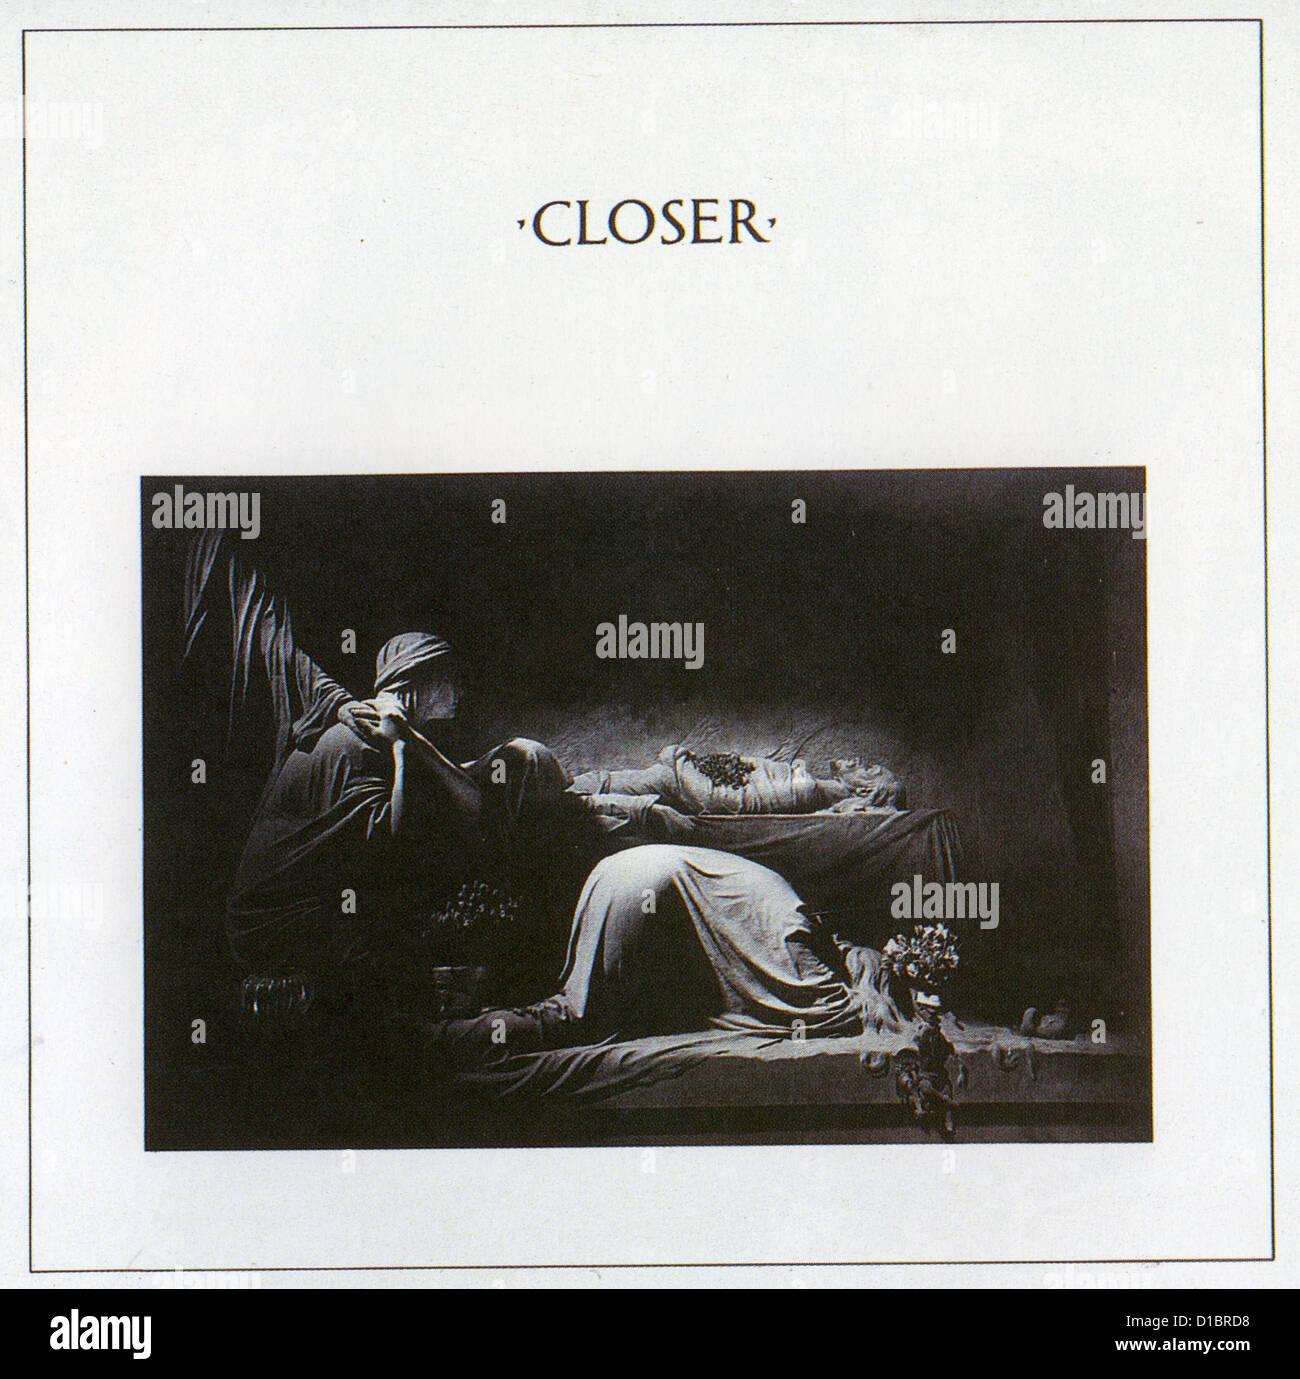 JOY Division de la couverture de leurs 1980 étiquette d'usine plus près de l'album Photo Stock